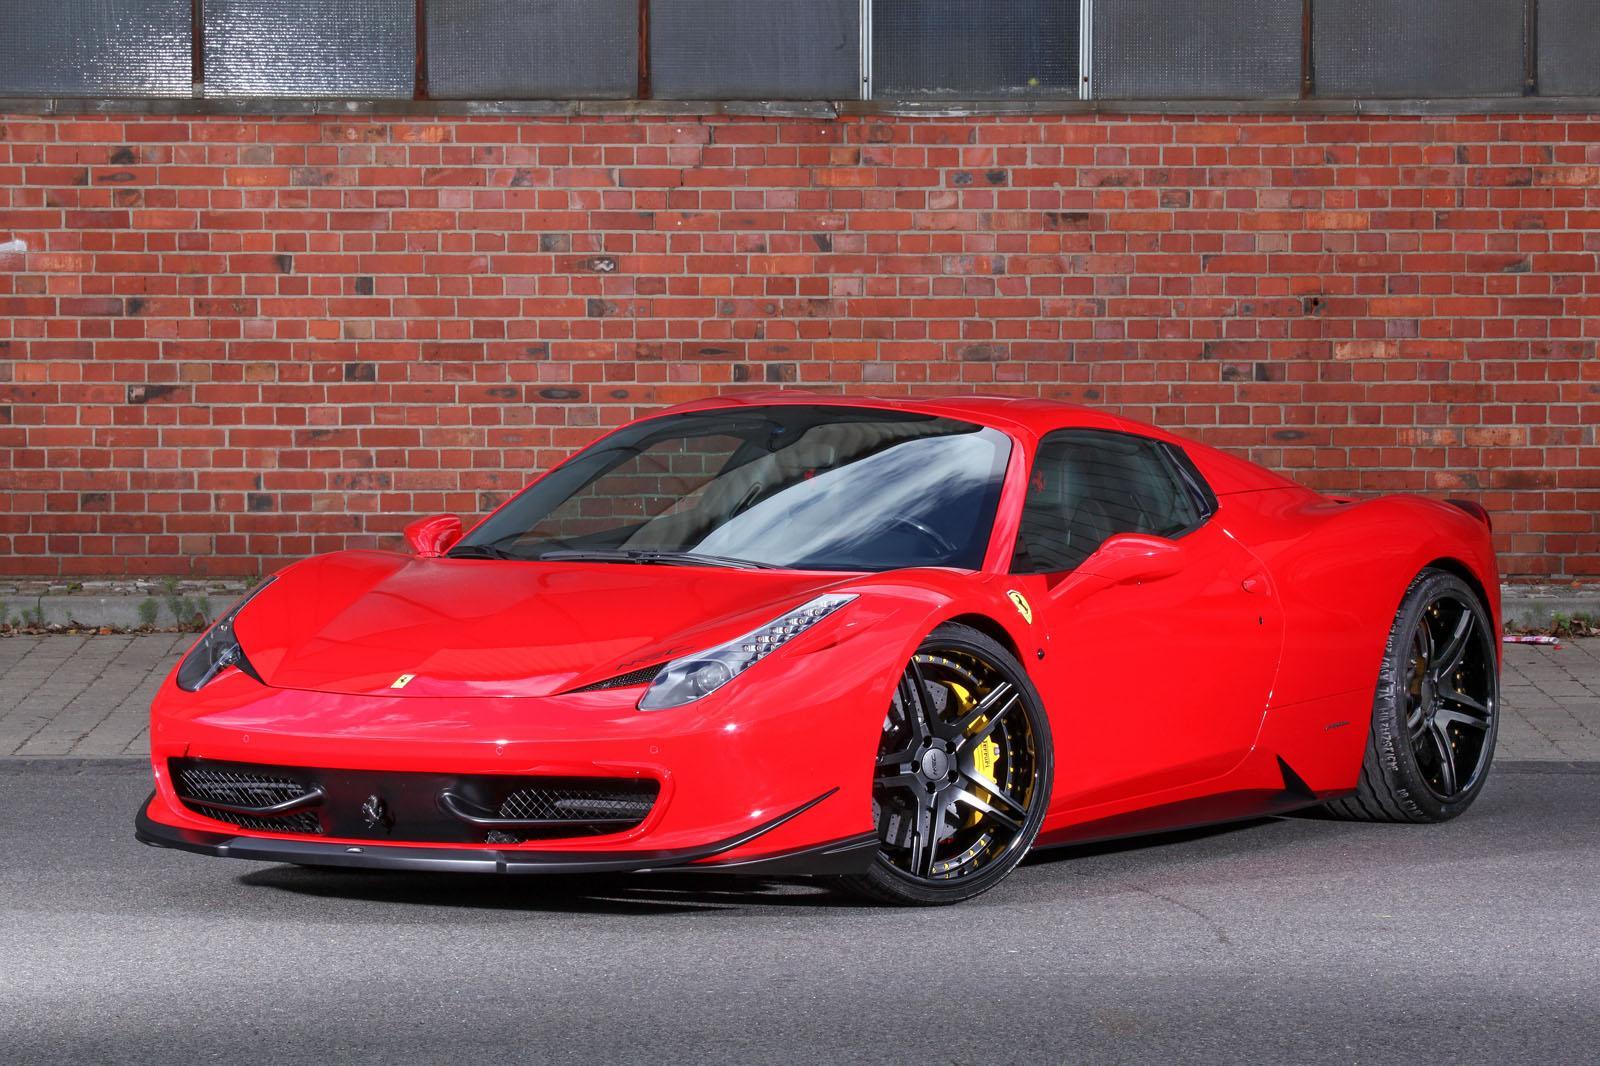 Mec Design Announces Ferrari 458 Spider Upgrades